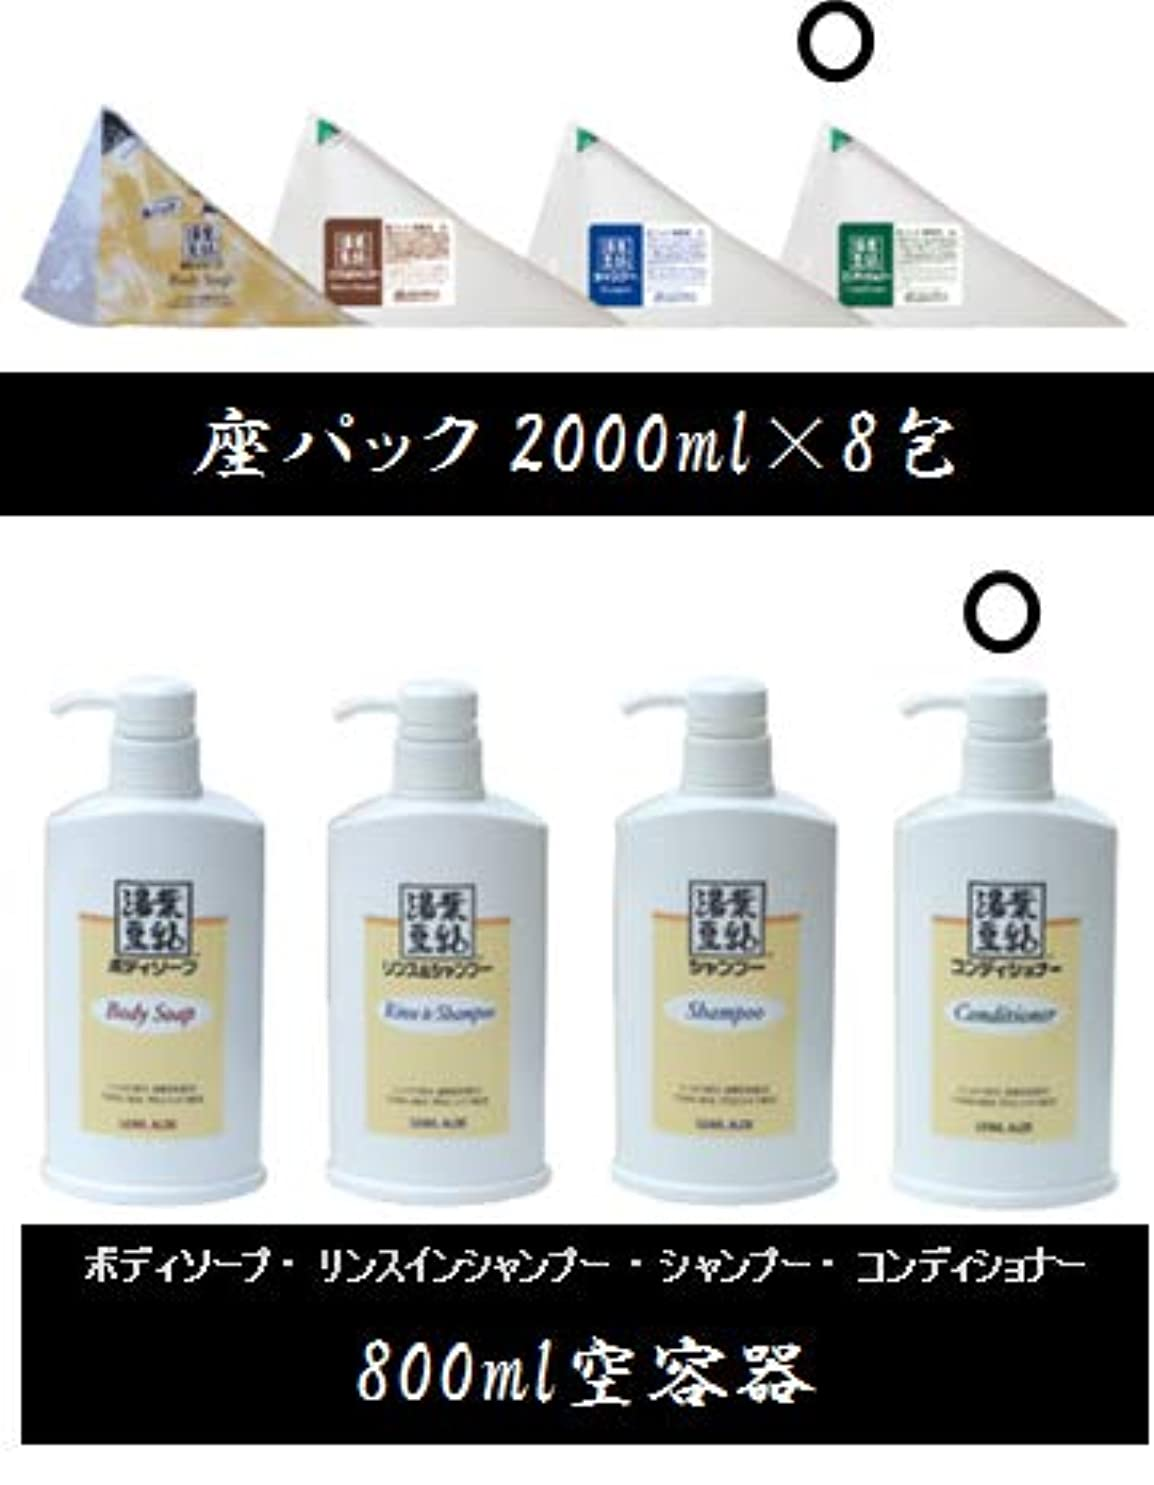 エミュレーション人種調べるフタバ化学 湯葉豆乳コンディショナー 16L詰め替え(2Lパック×8包) 800ml空容器付